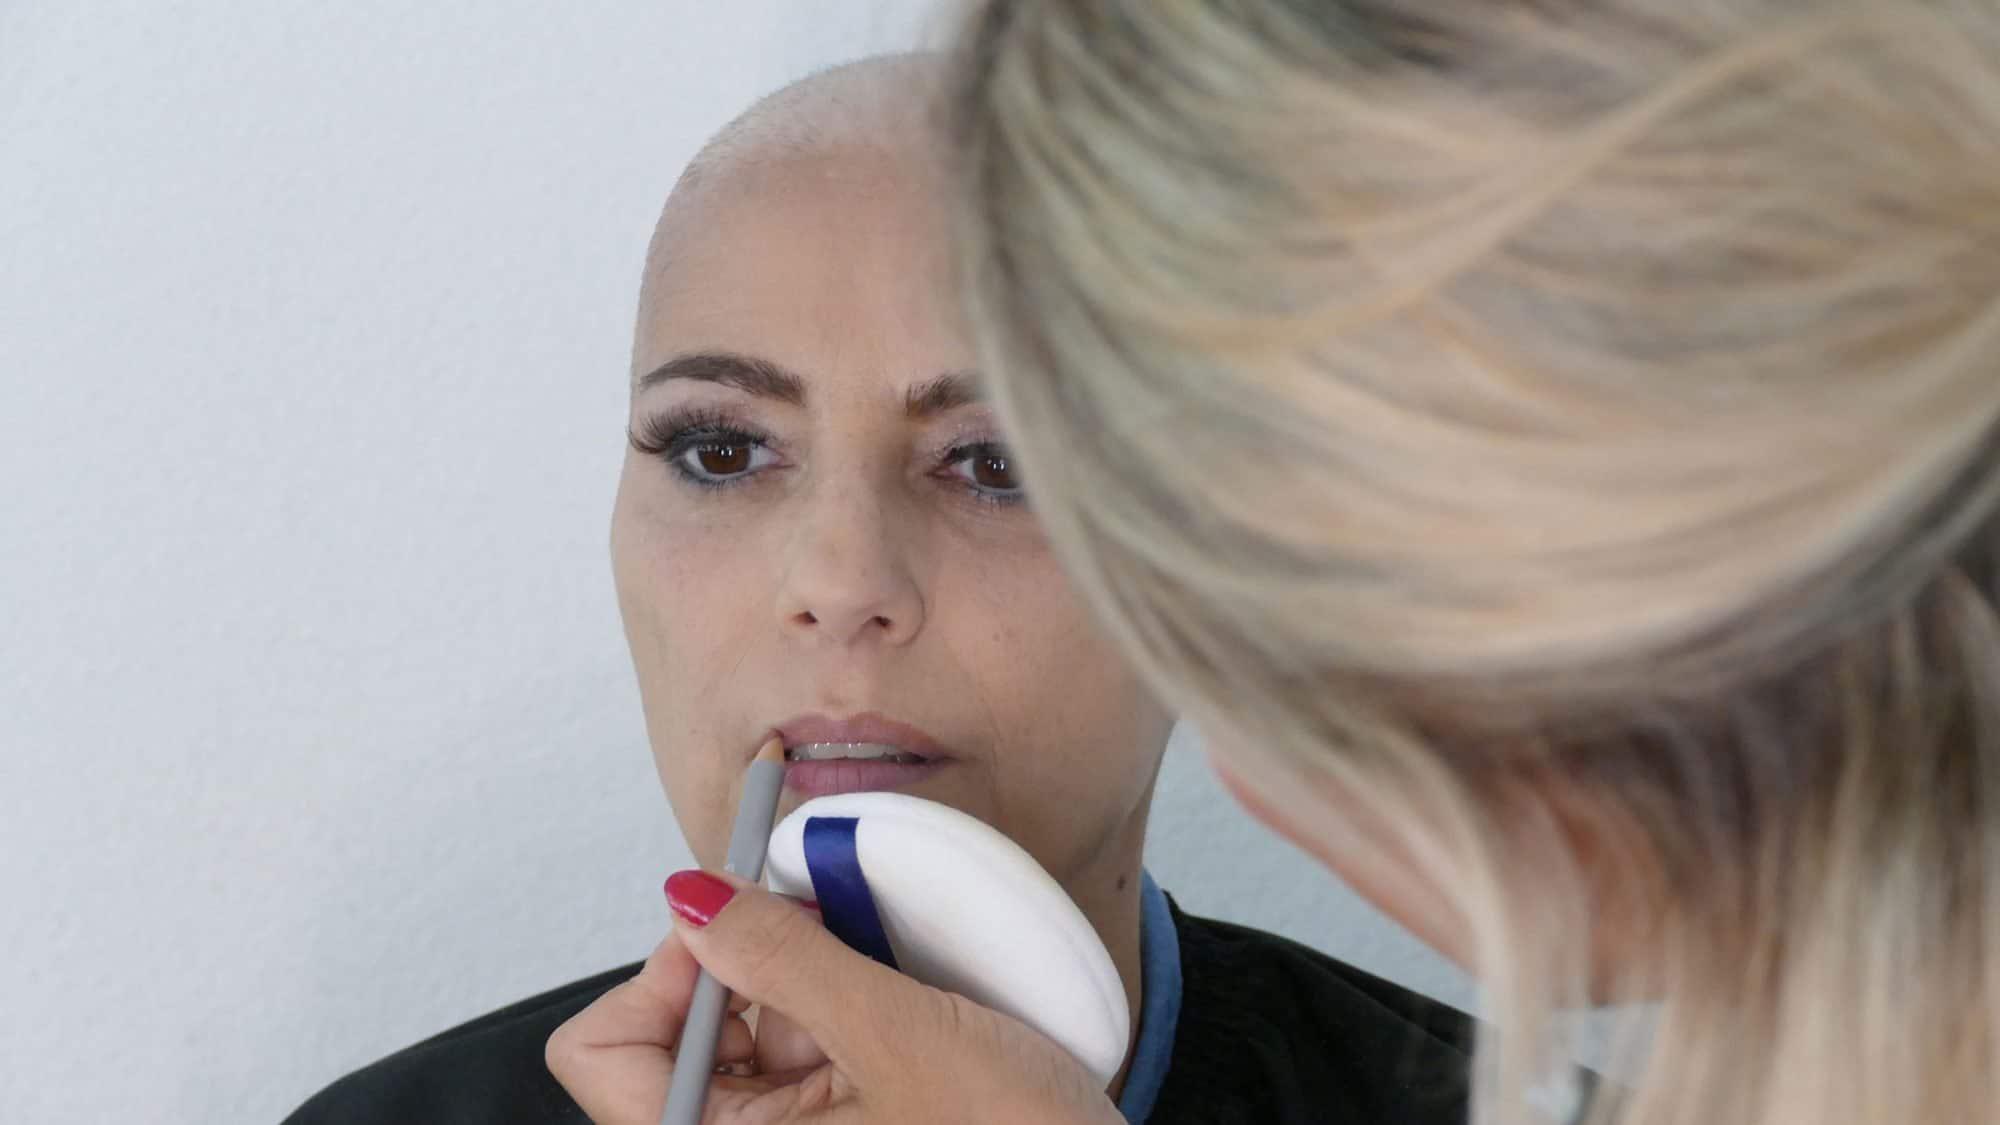 Schminktipps bei Chemotherapie: Mit dem Konturenstift die Lippen ausmalen.